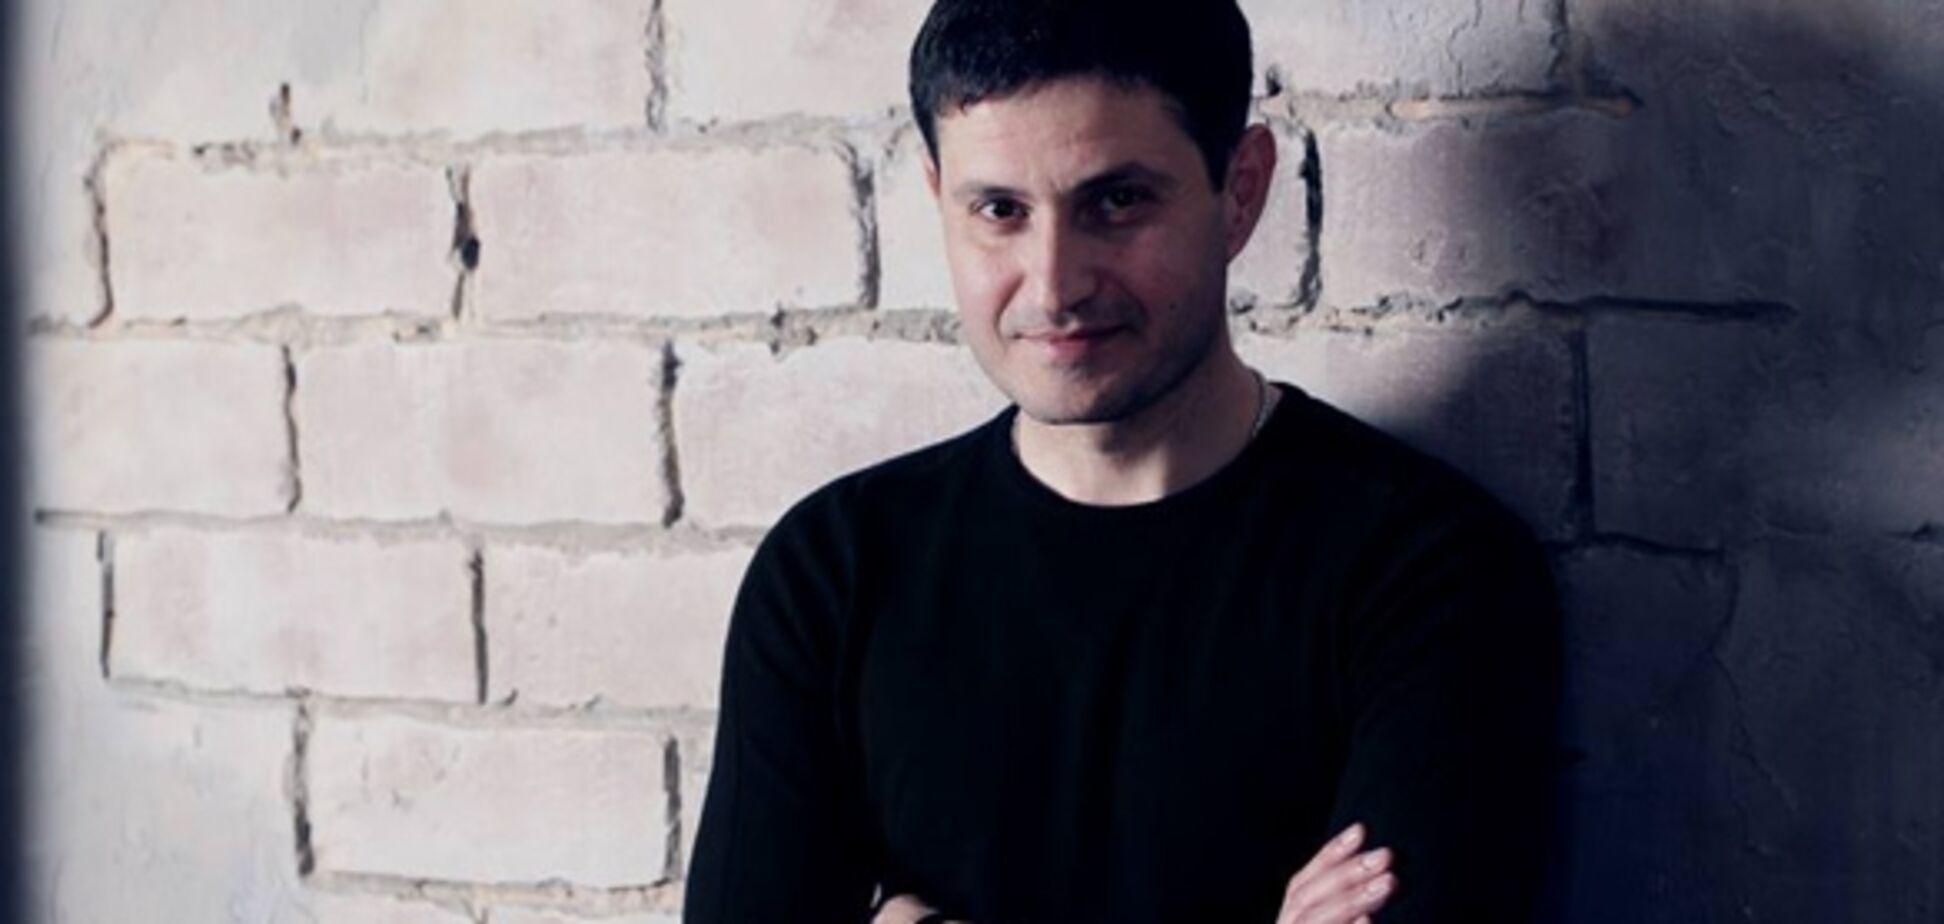 Днепрян приглашают на встречу с режиссером 'Киборгов'